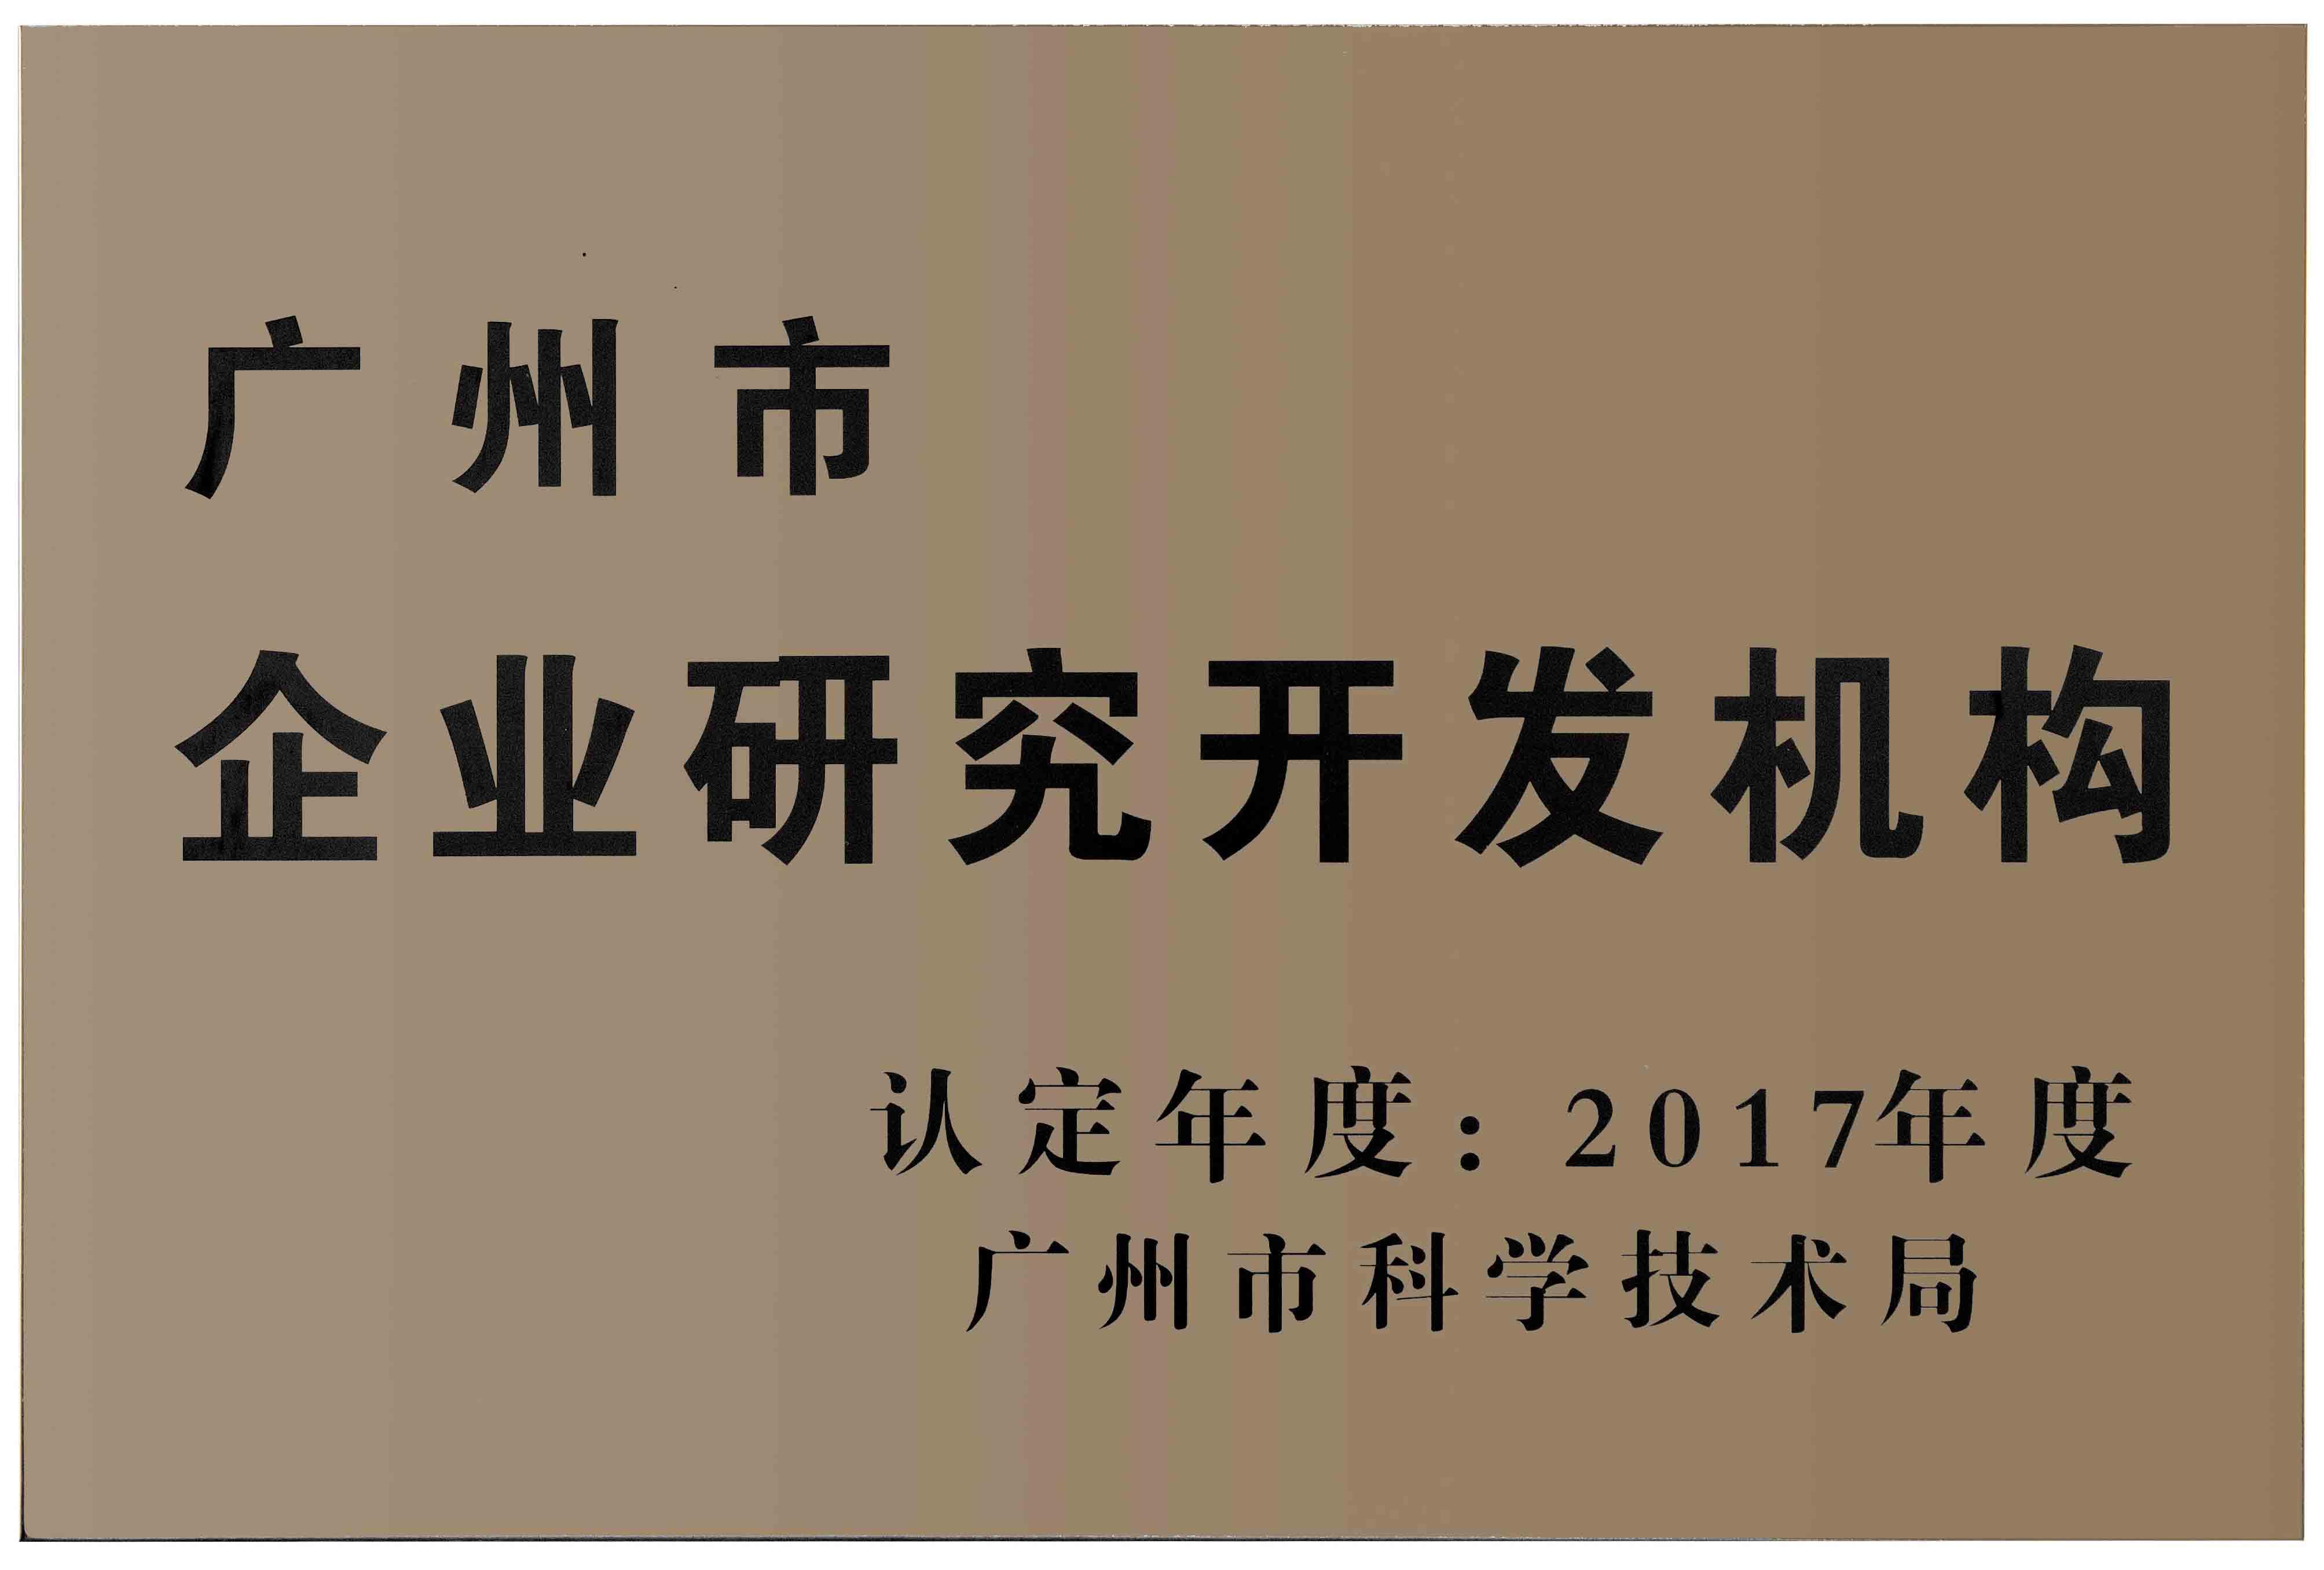 廣州市企業研究開發機構